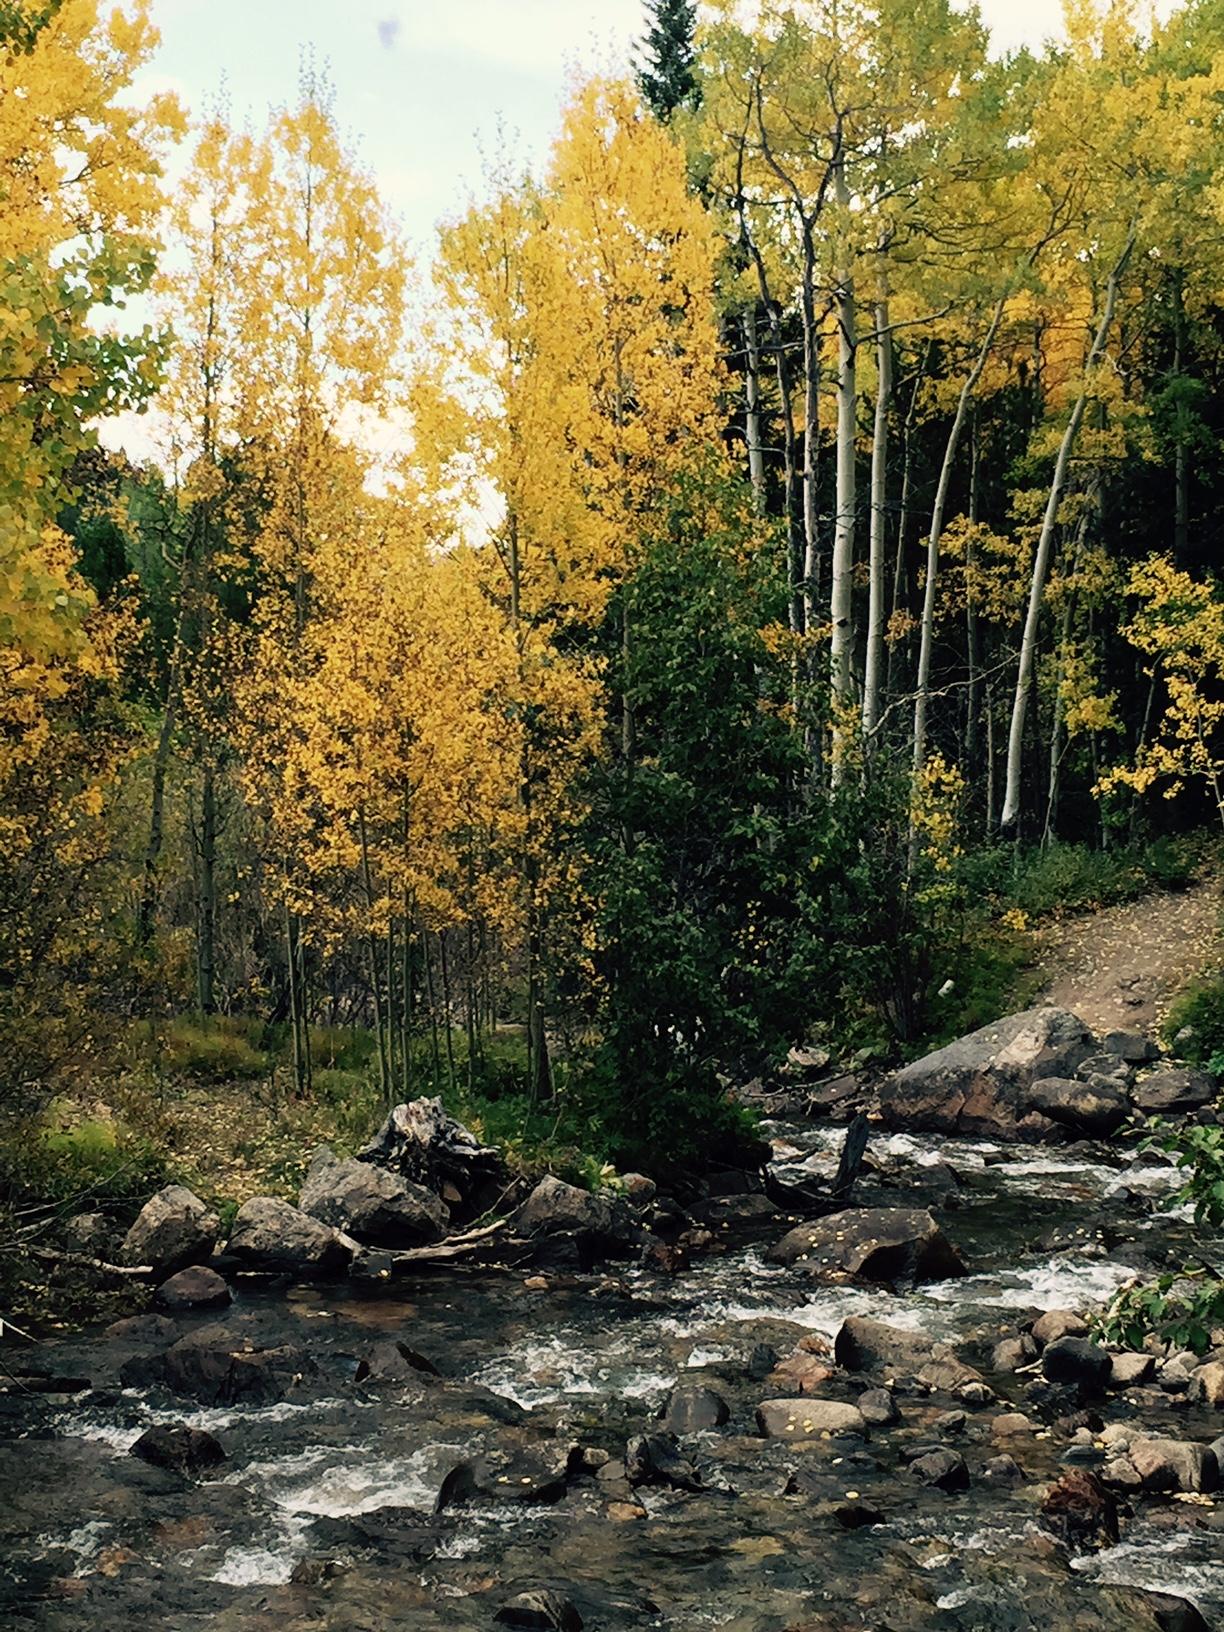 Silverdale Trail